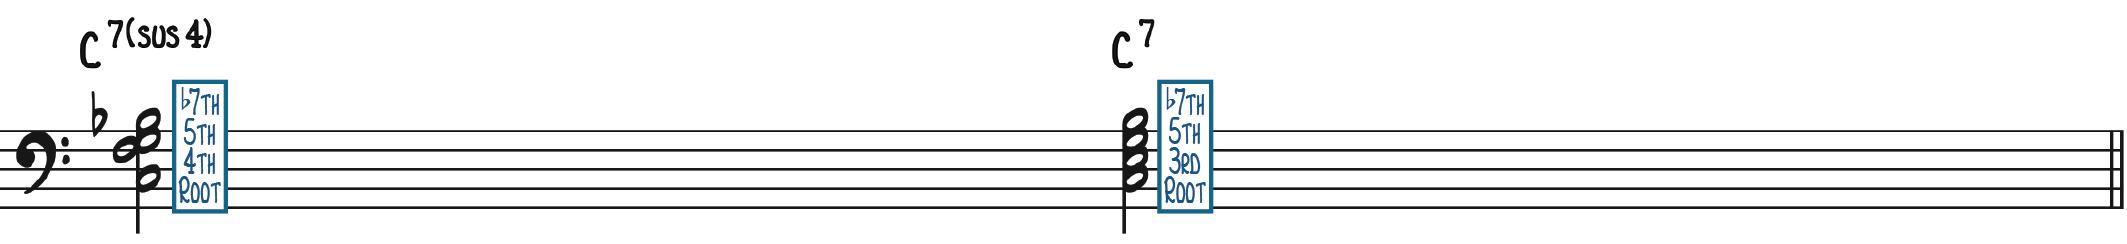 C7sus4 vs C7